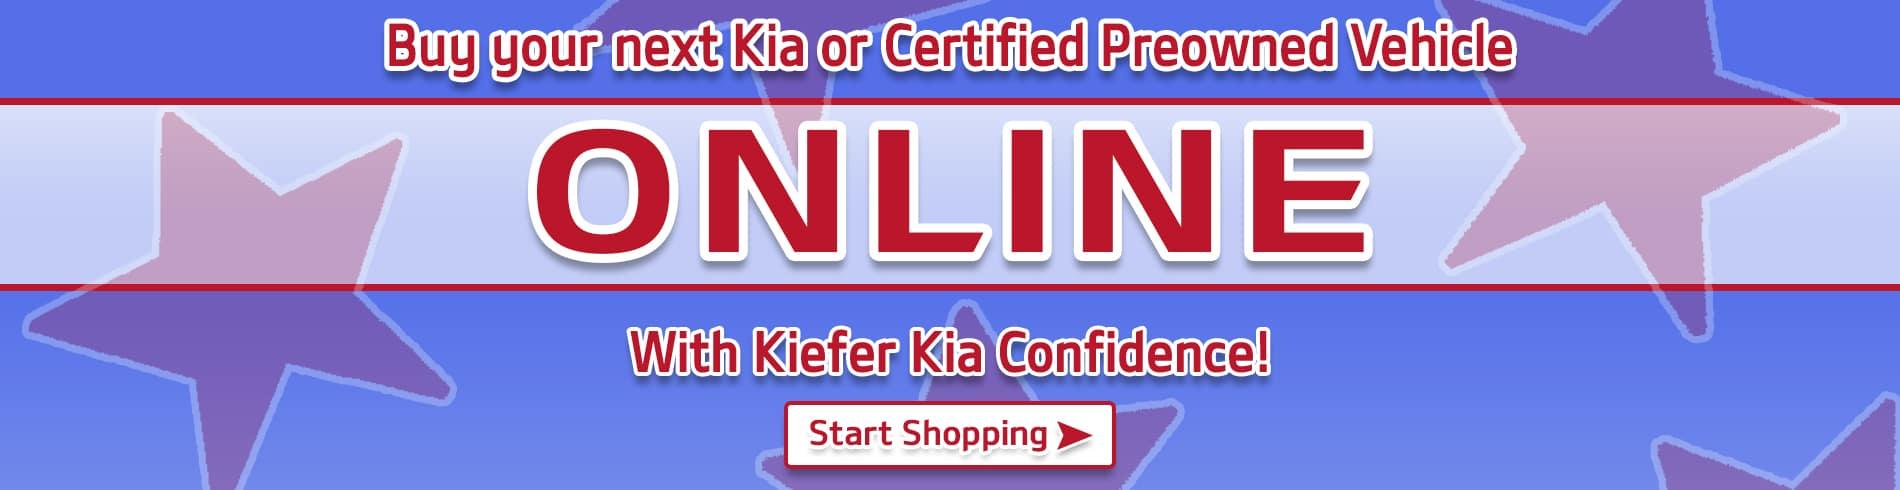 KK Certified Preowned Banner (1)